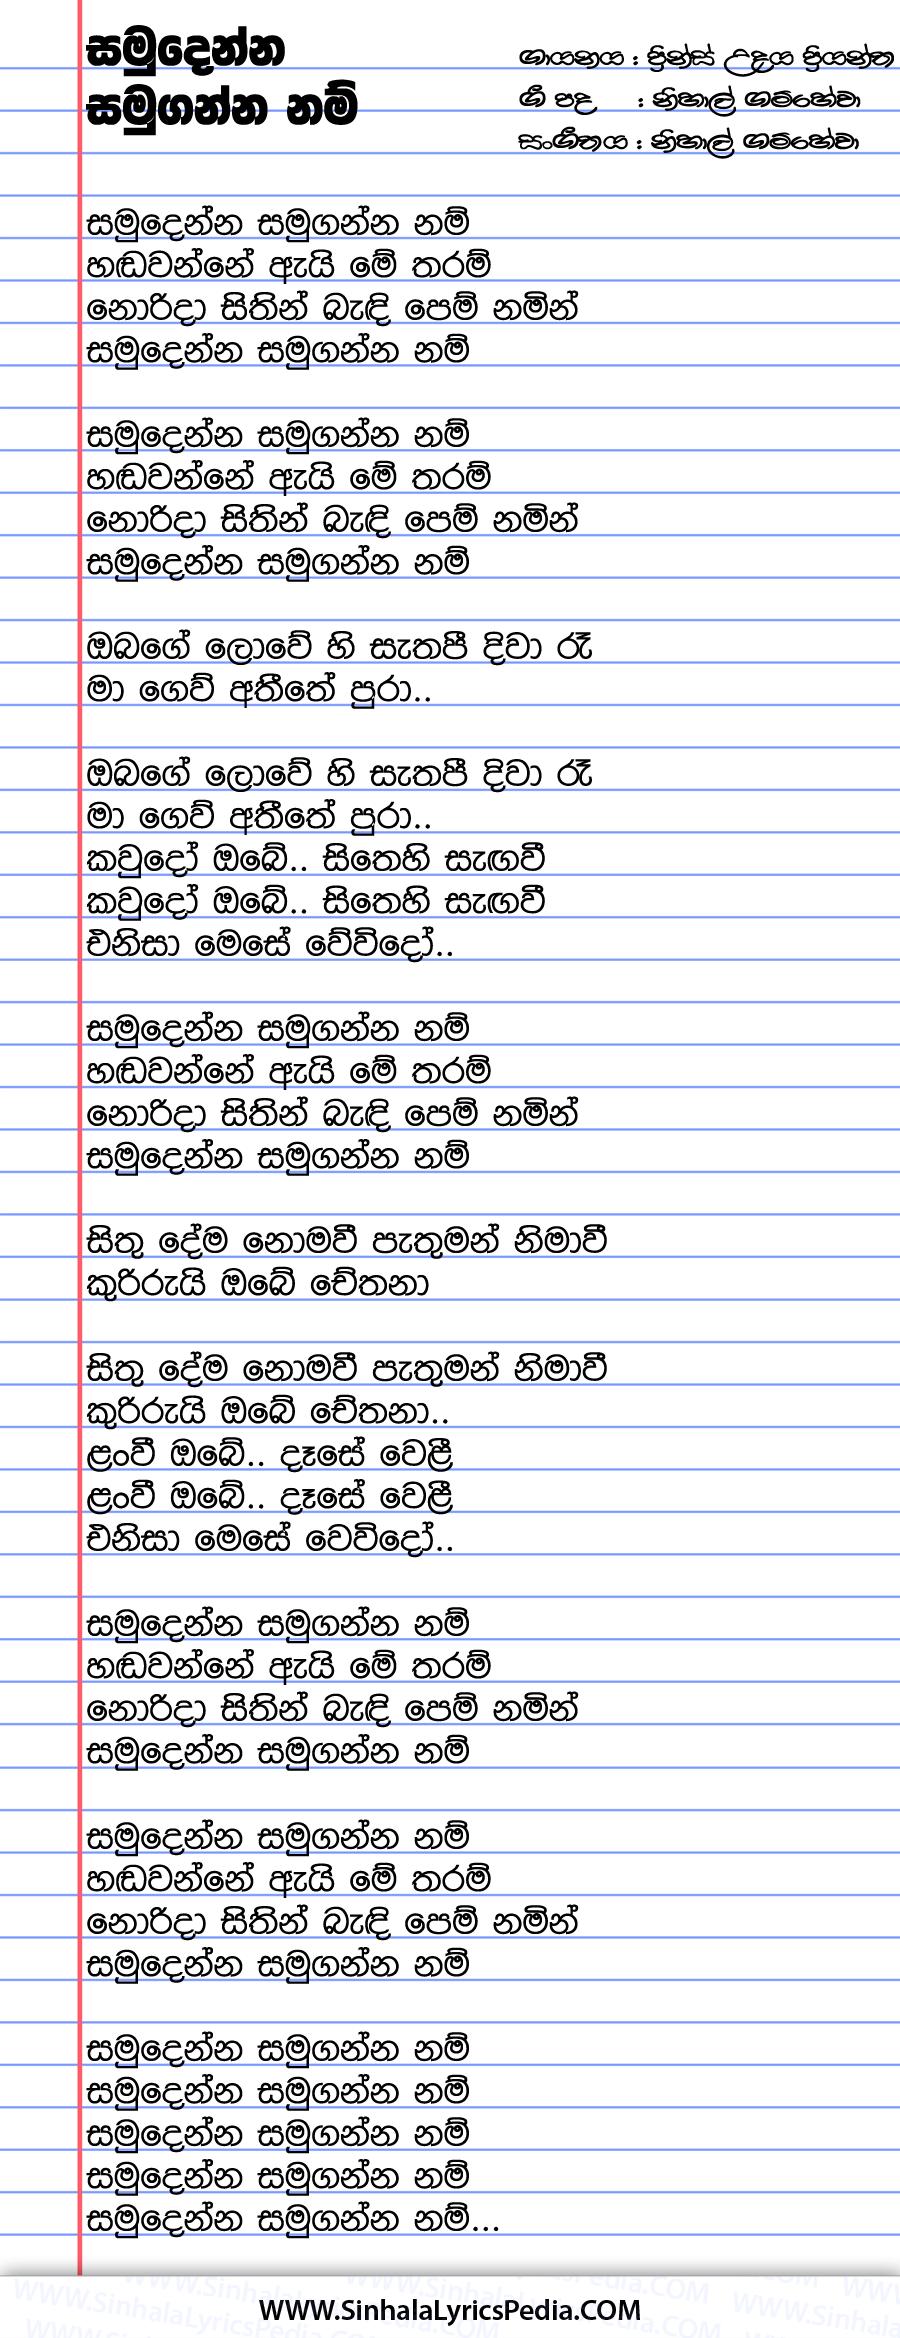 Samudenna Samuganna Nam Song Lyrics